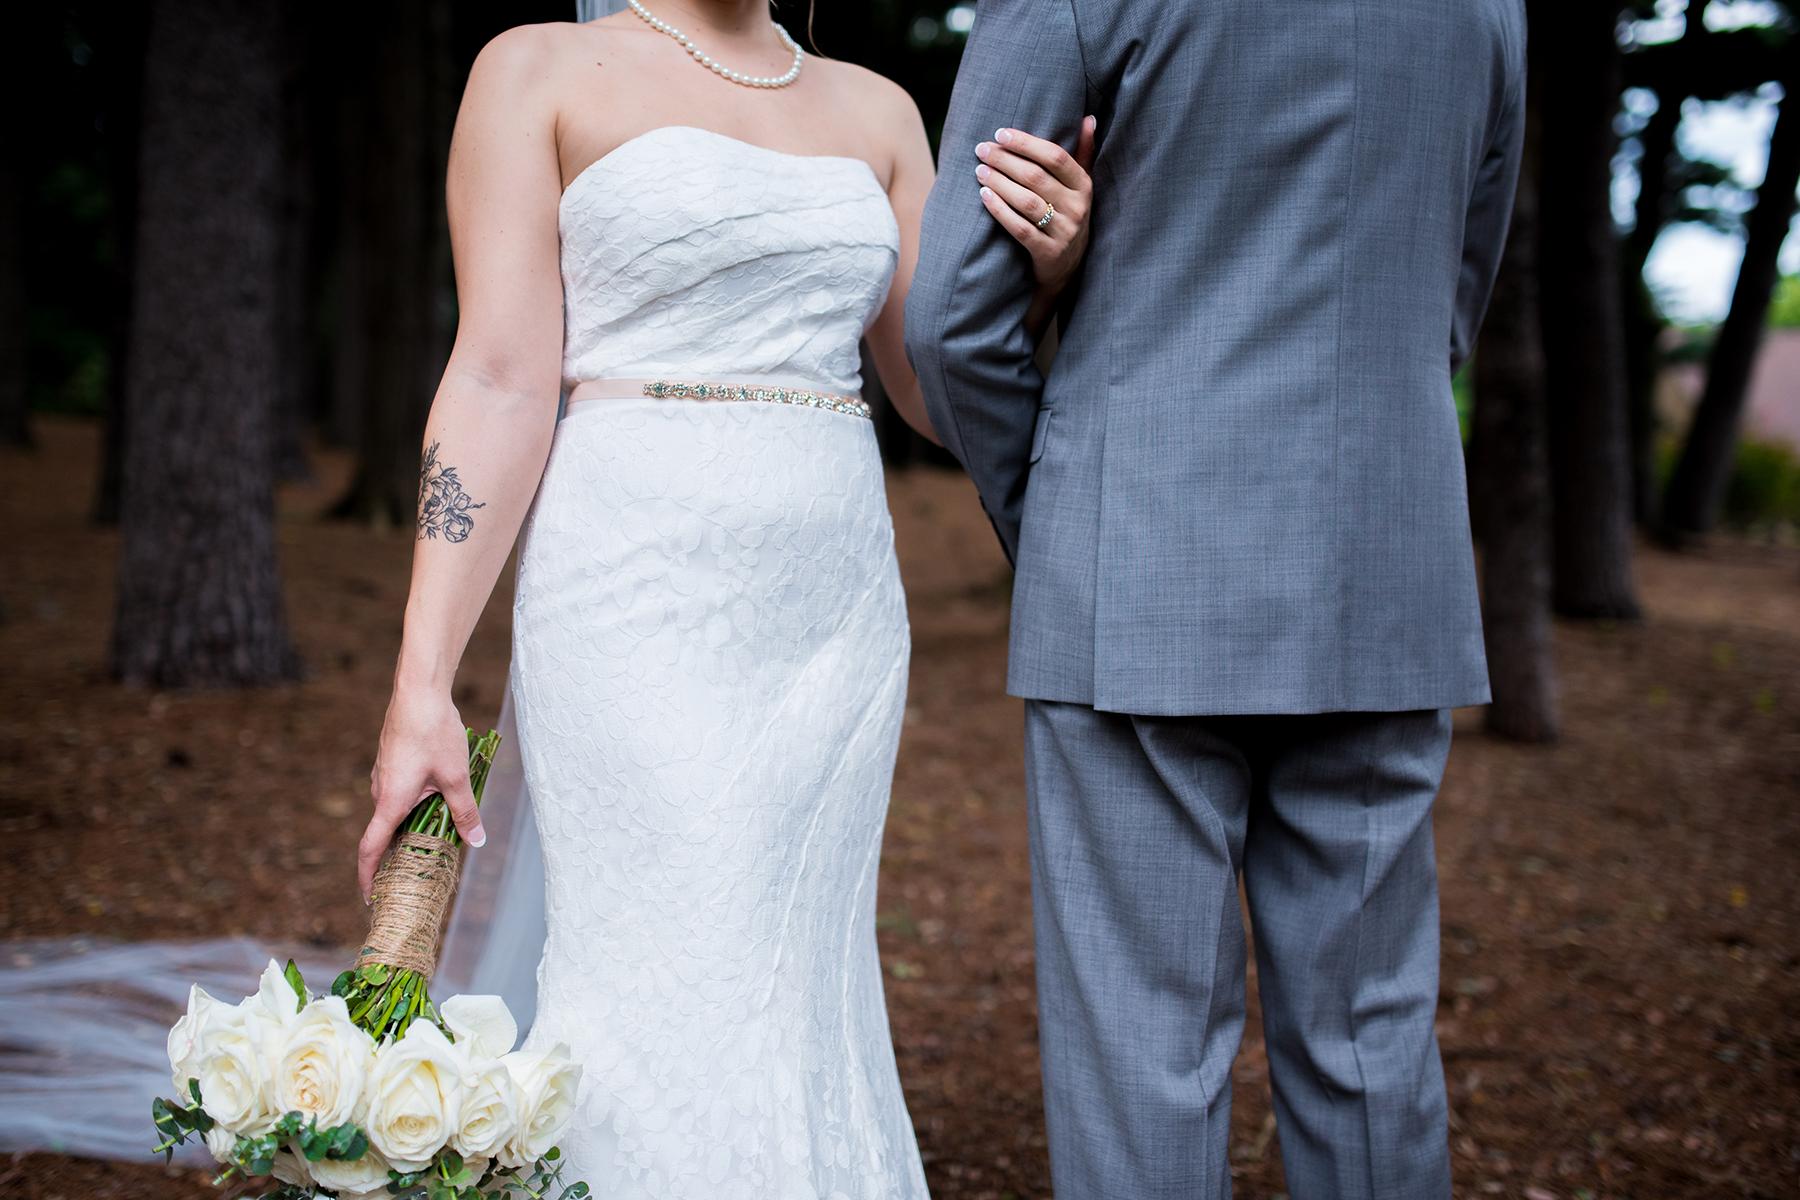 Real Weddings: Ryanne & Conner